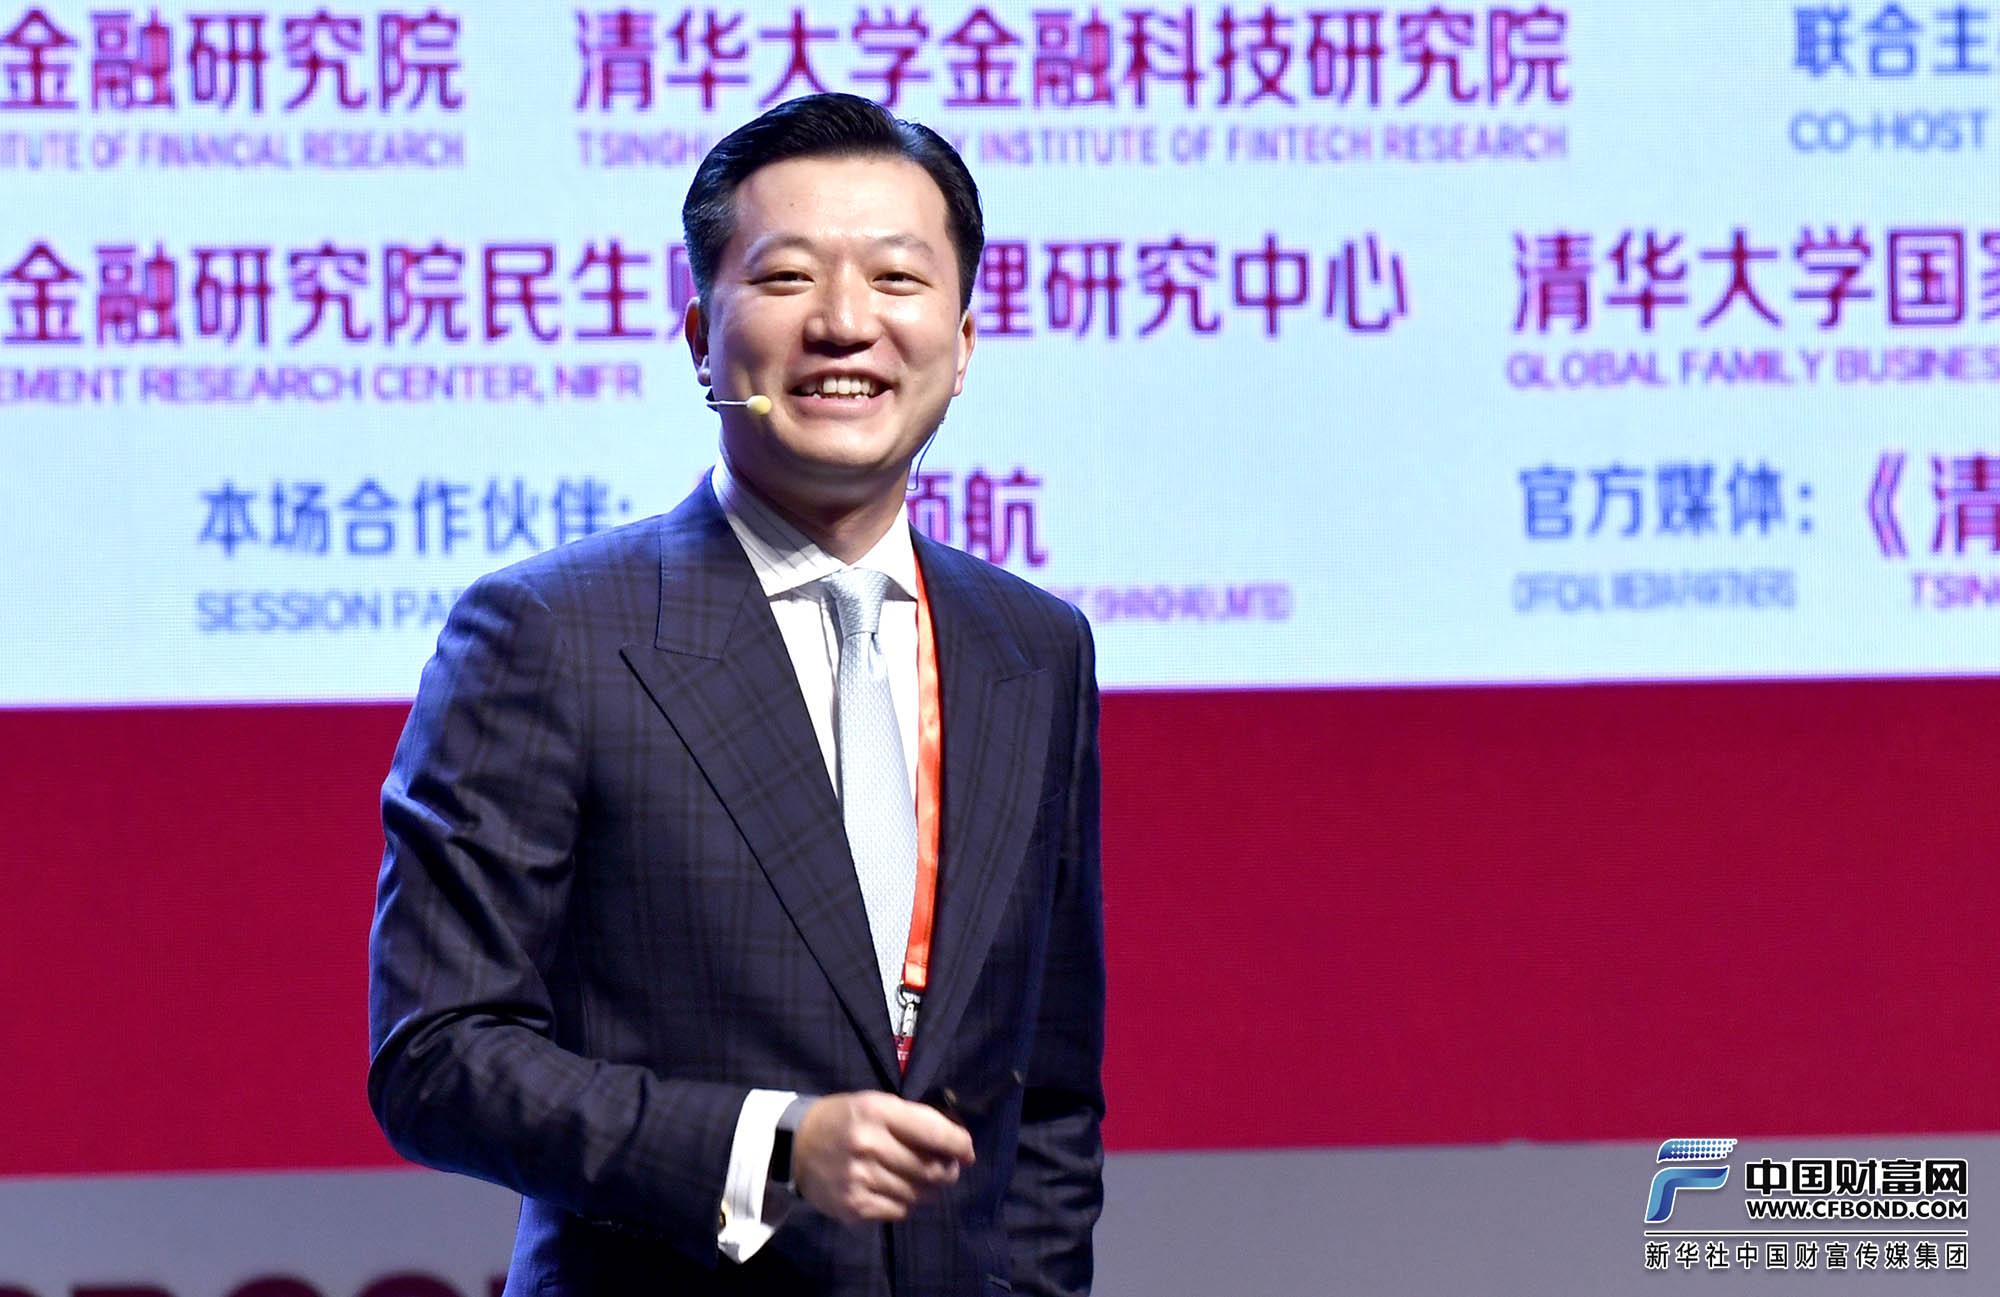 演讲嘉宾:Vanguard集团亚洲区总裁林晓东